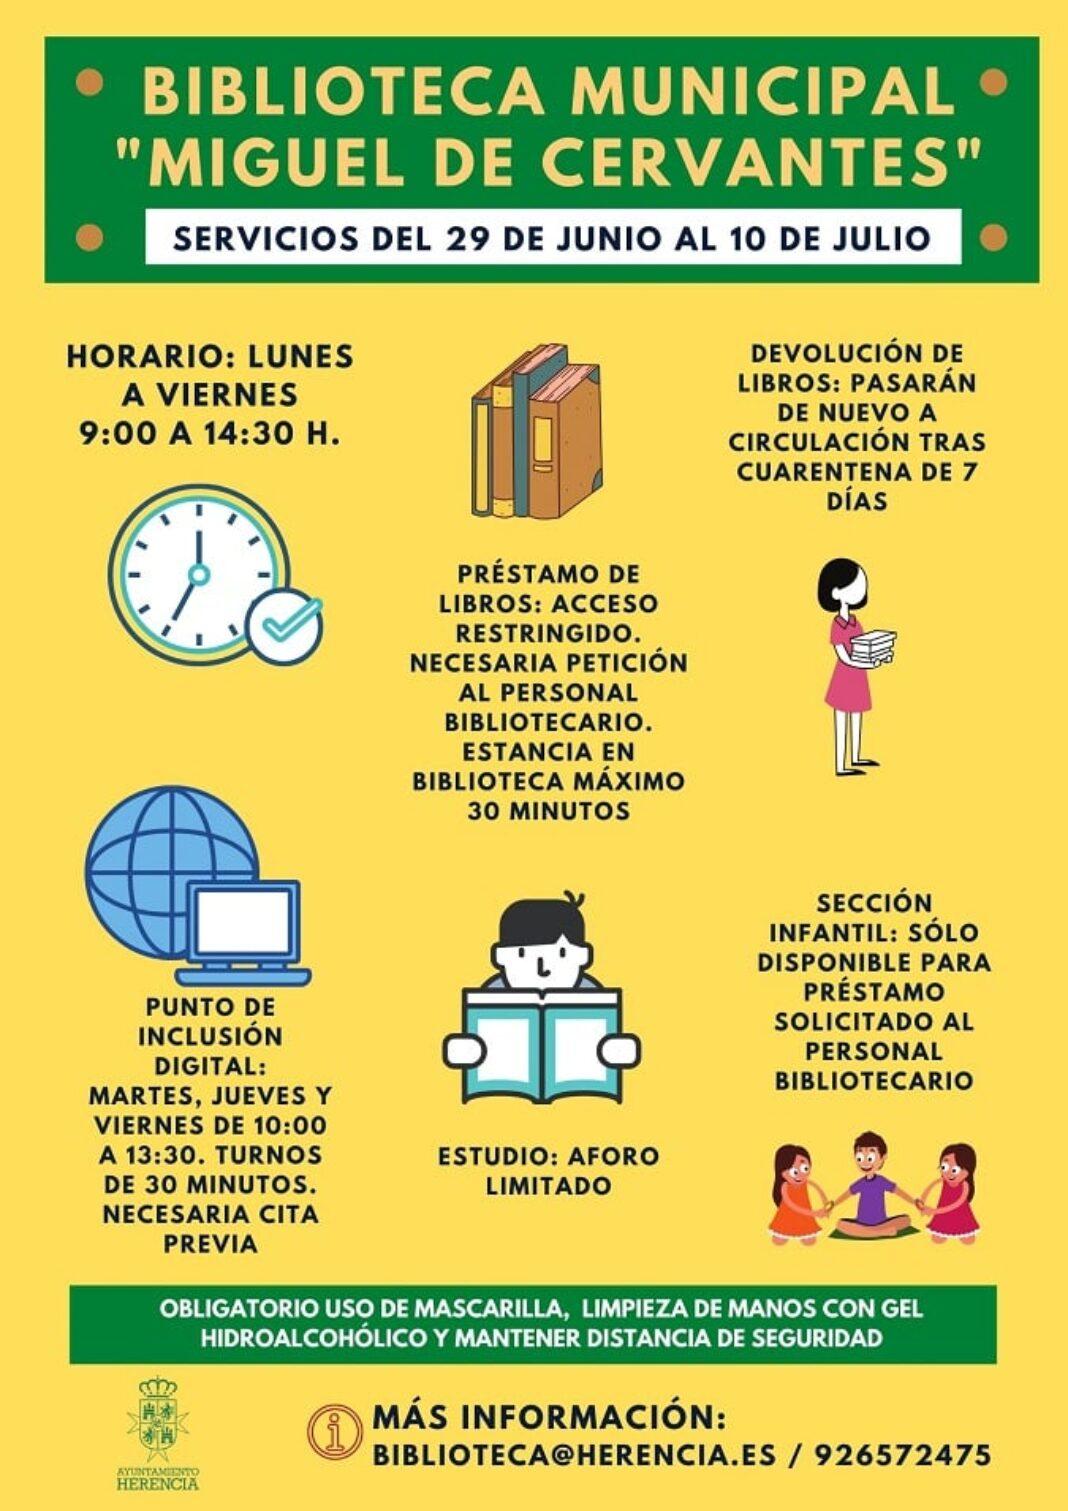 Ampliación de servicios en la Biblioteca Municipal a partir del 29 de junio y cambio de horario de verano 1